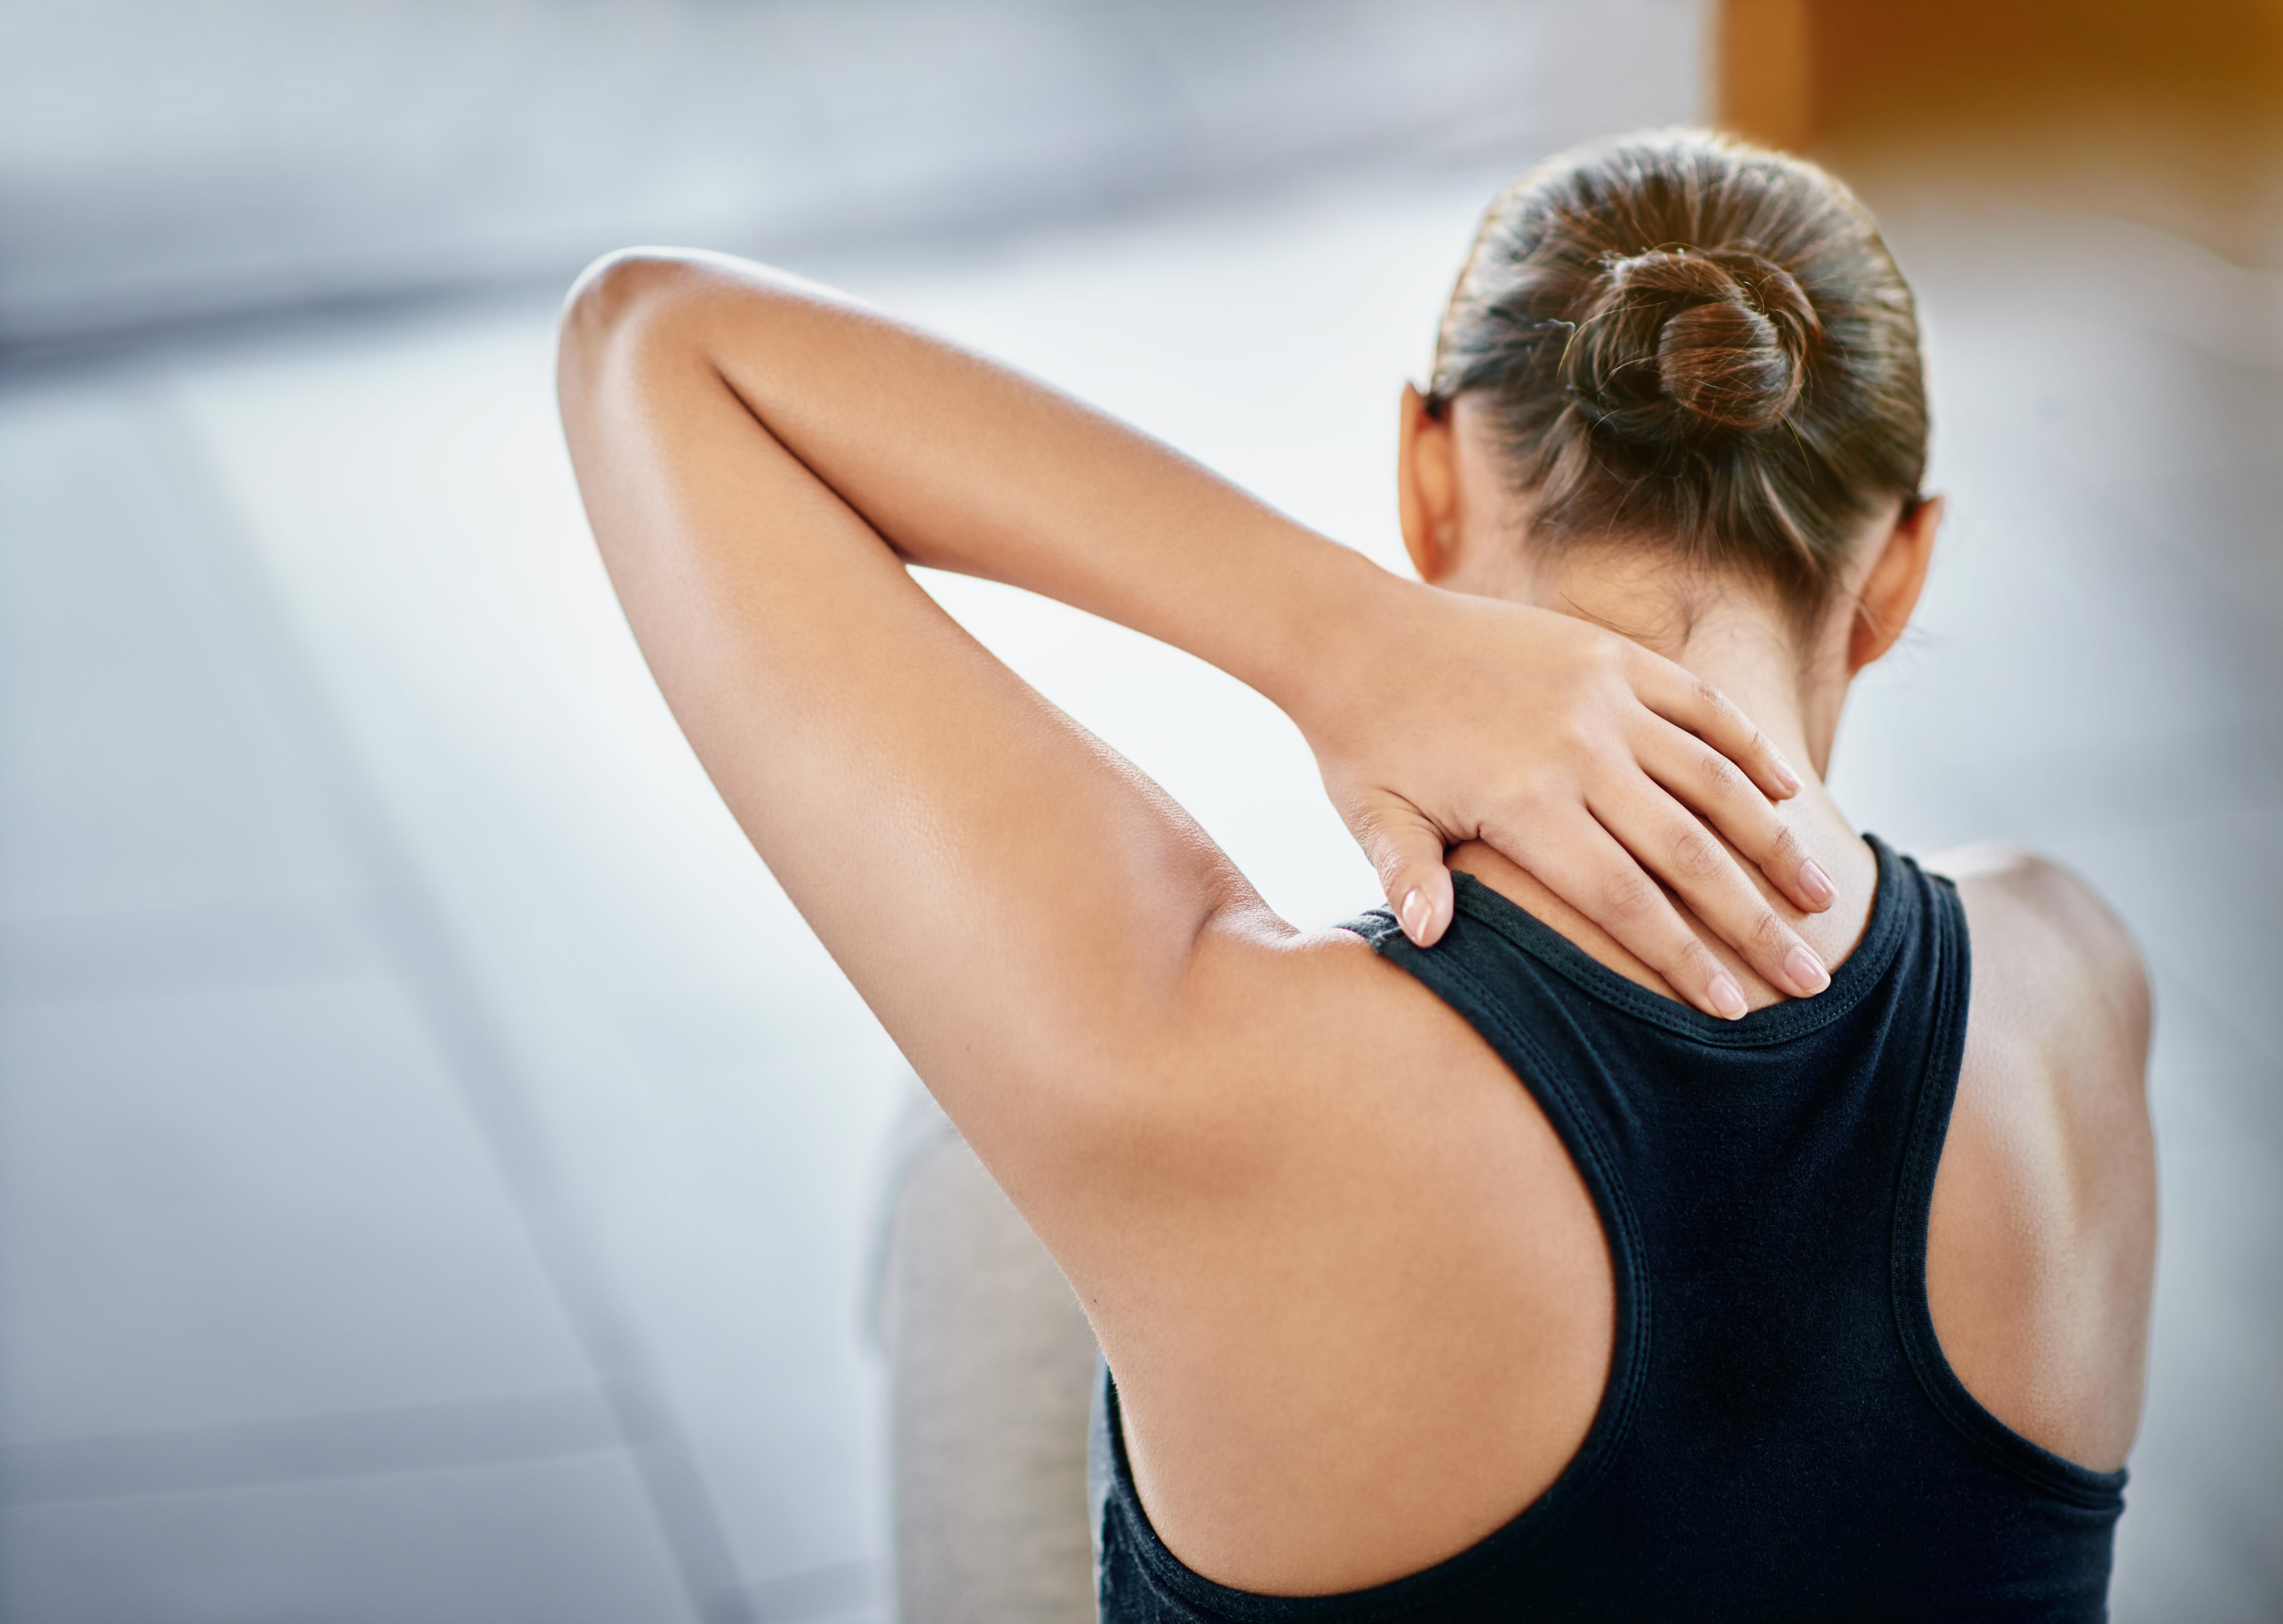 Slik masserer du deg selv etter trening